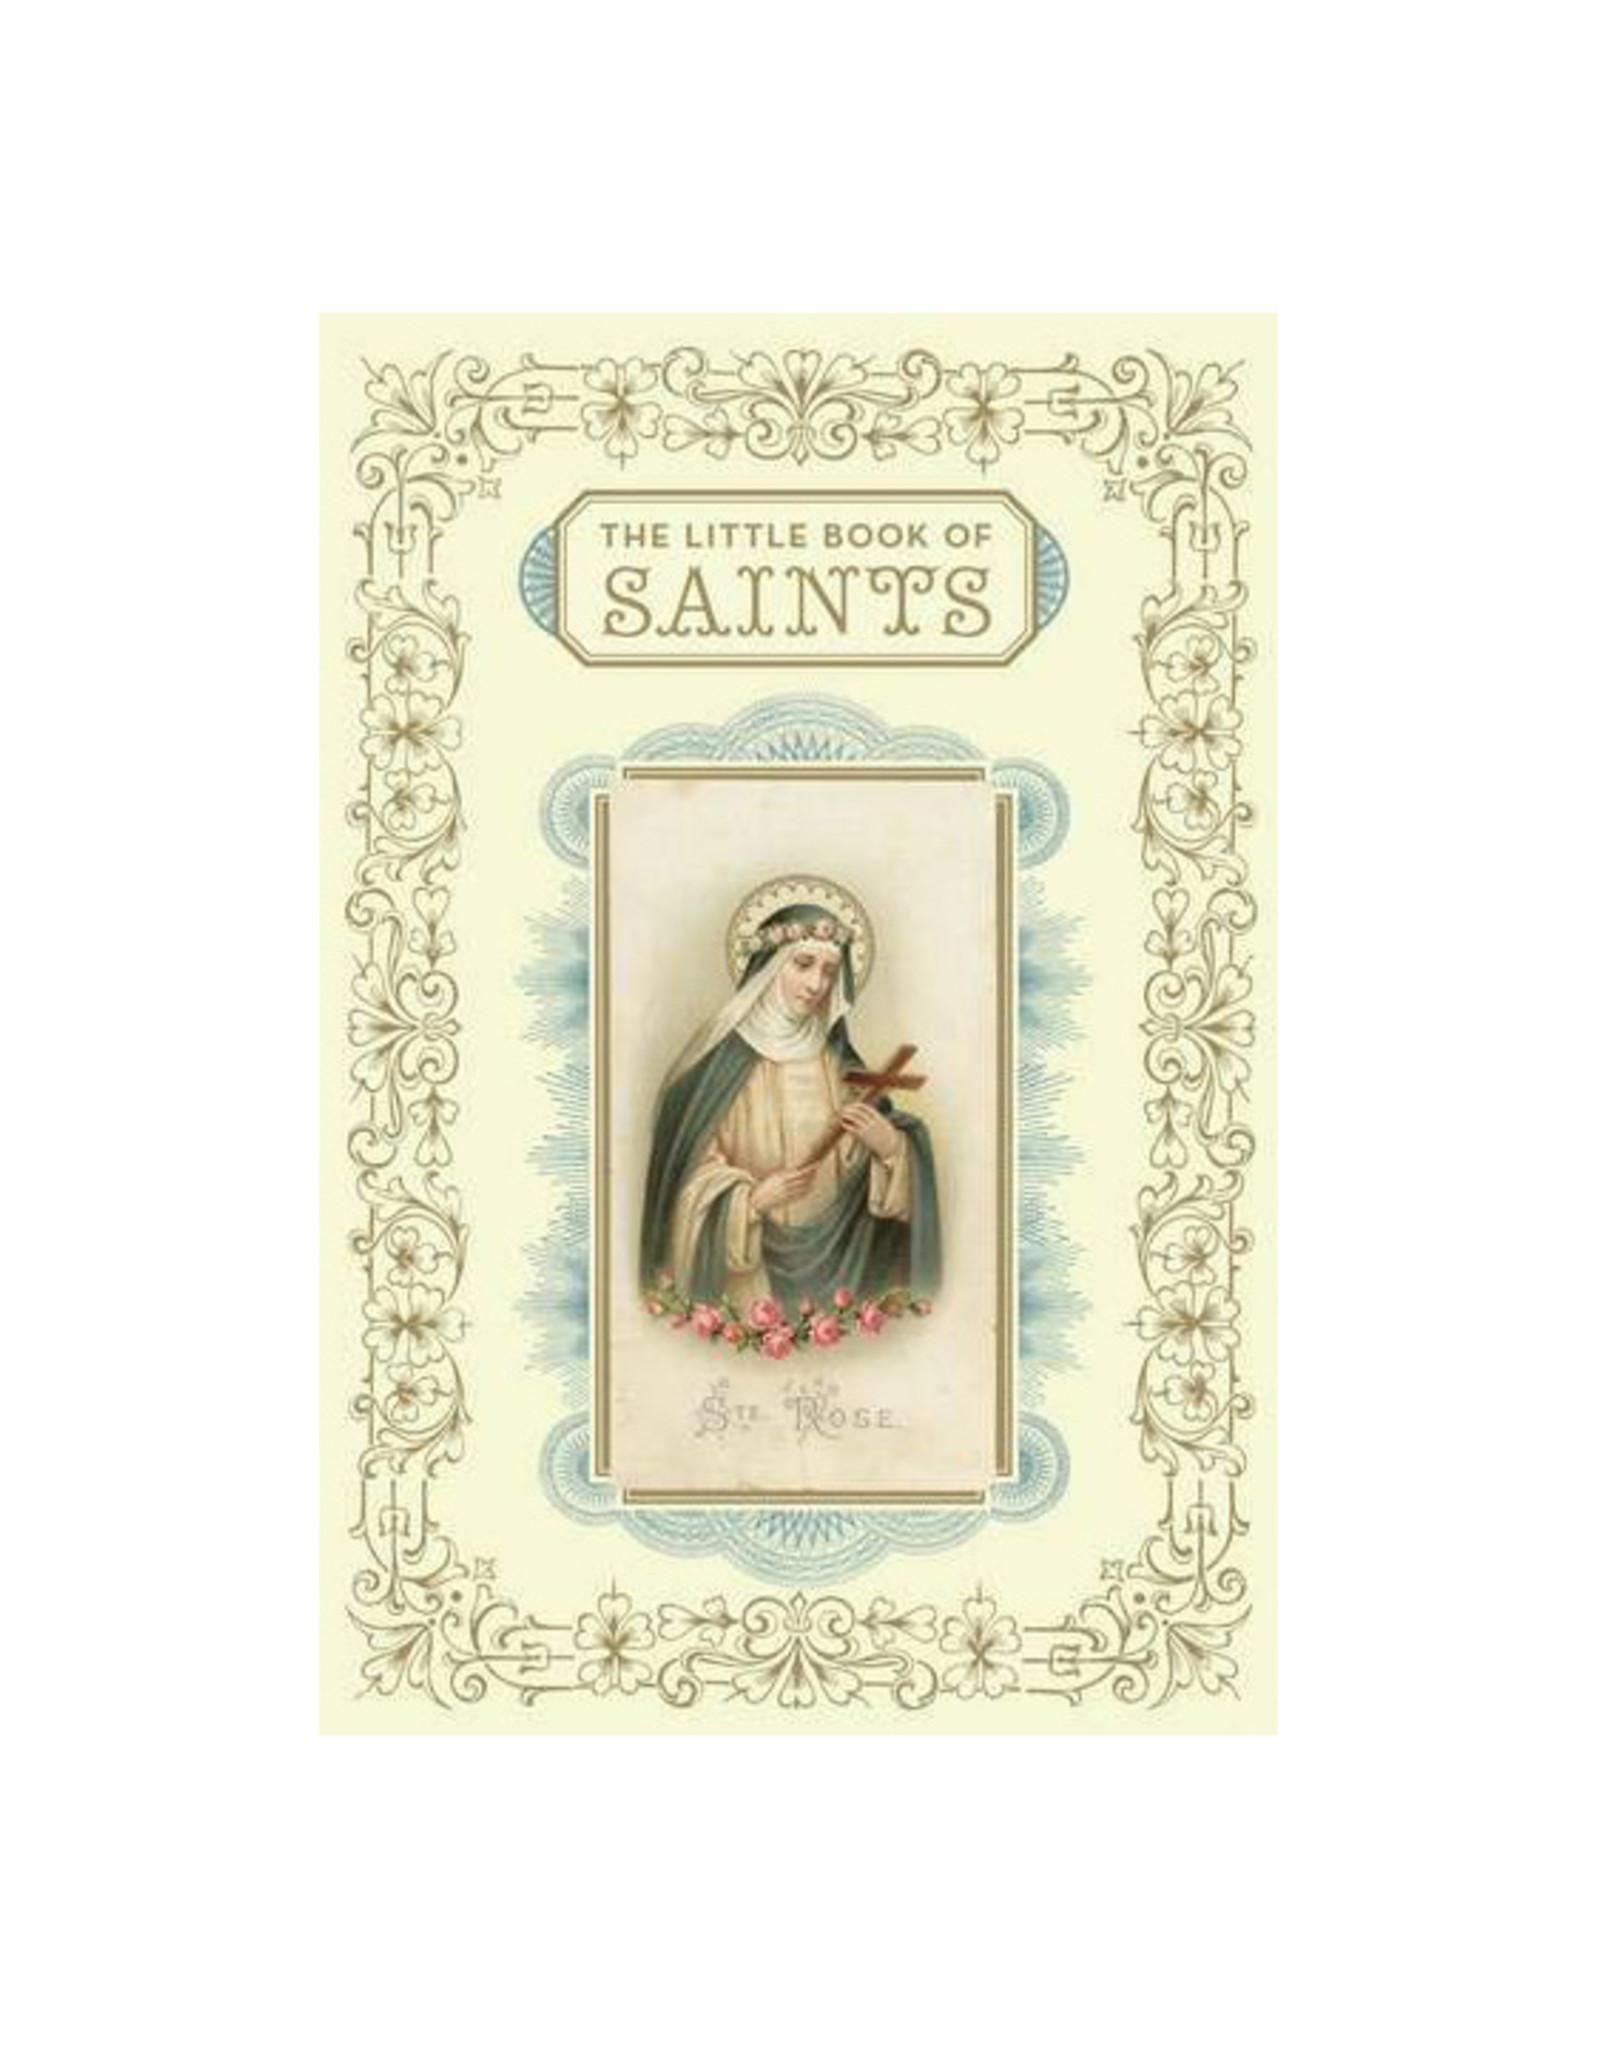 Little Book of Saints